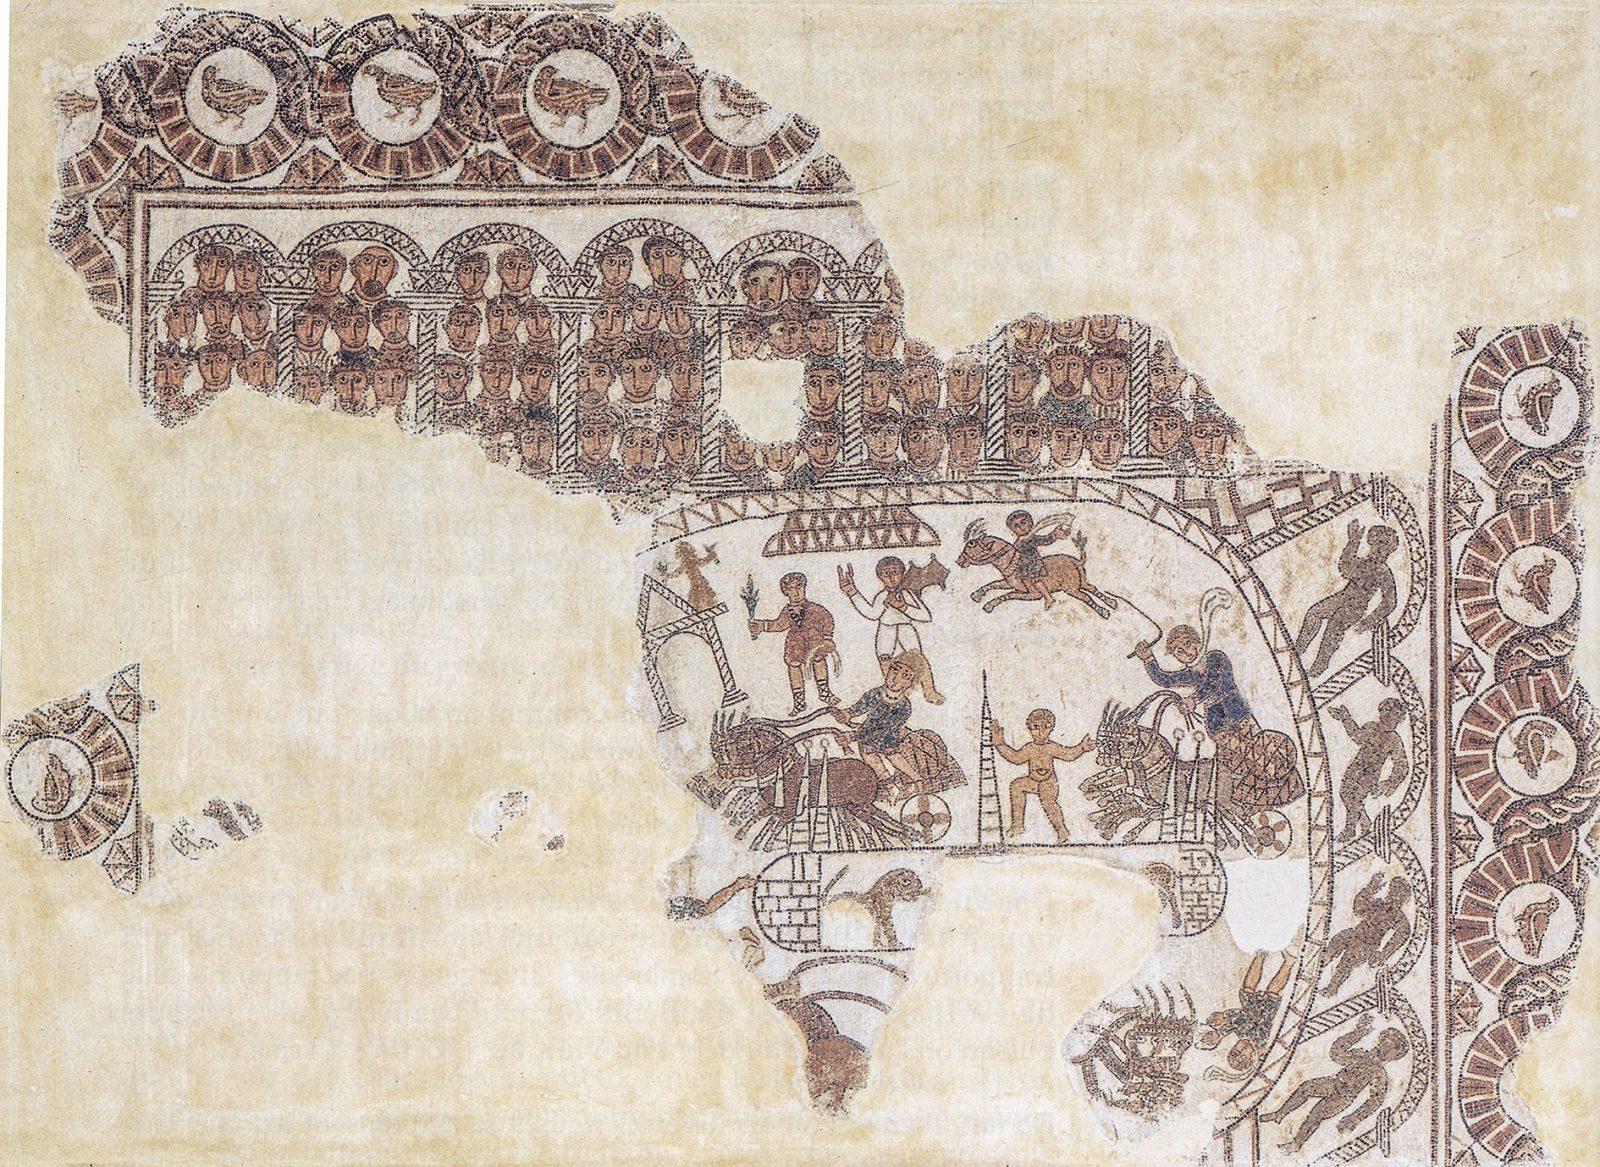 Joueur d'uticularium